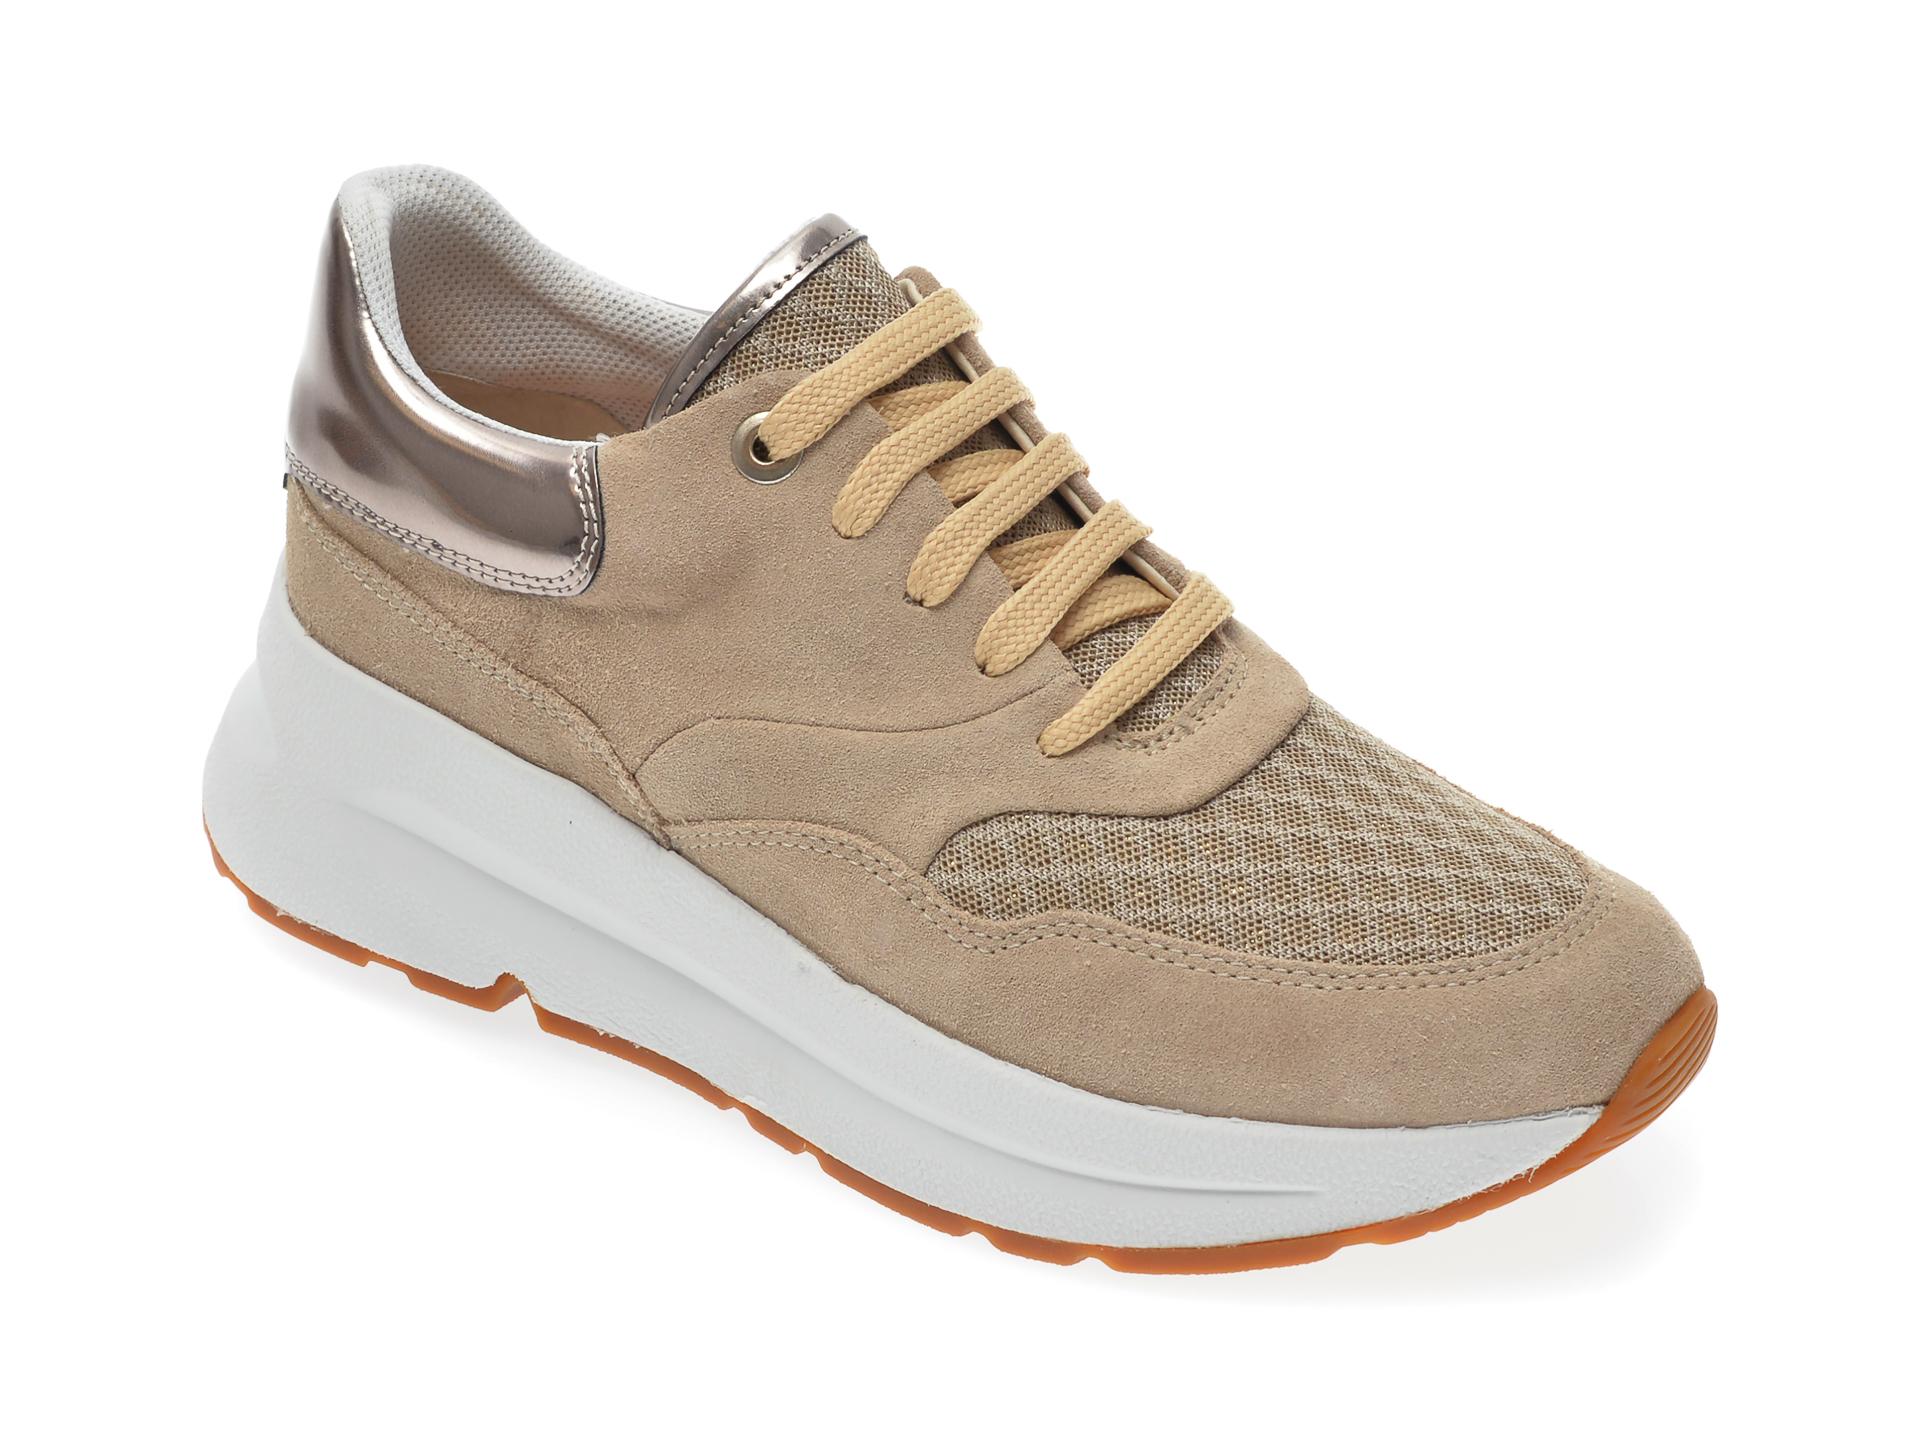 Pantofi sport GEOX bej, D02FLC, din material textil si piele intoarsa New